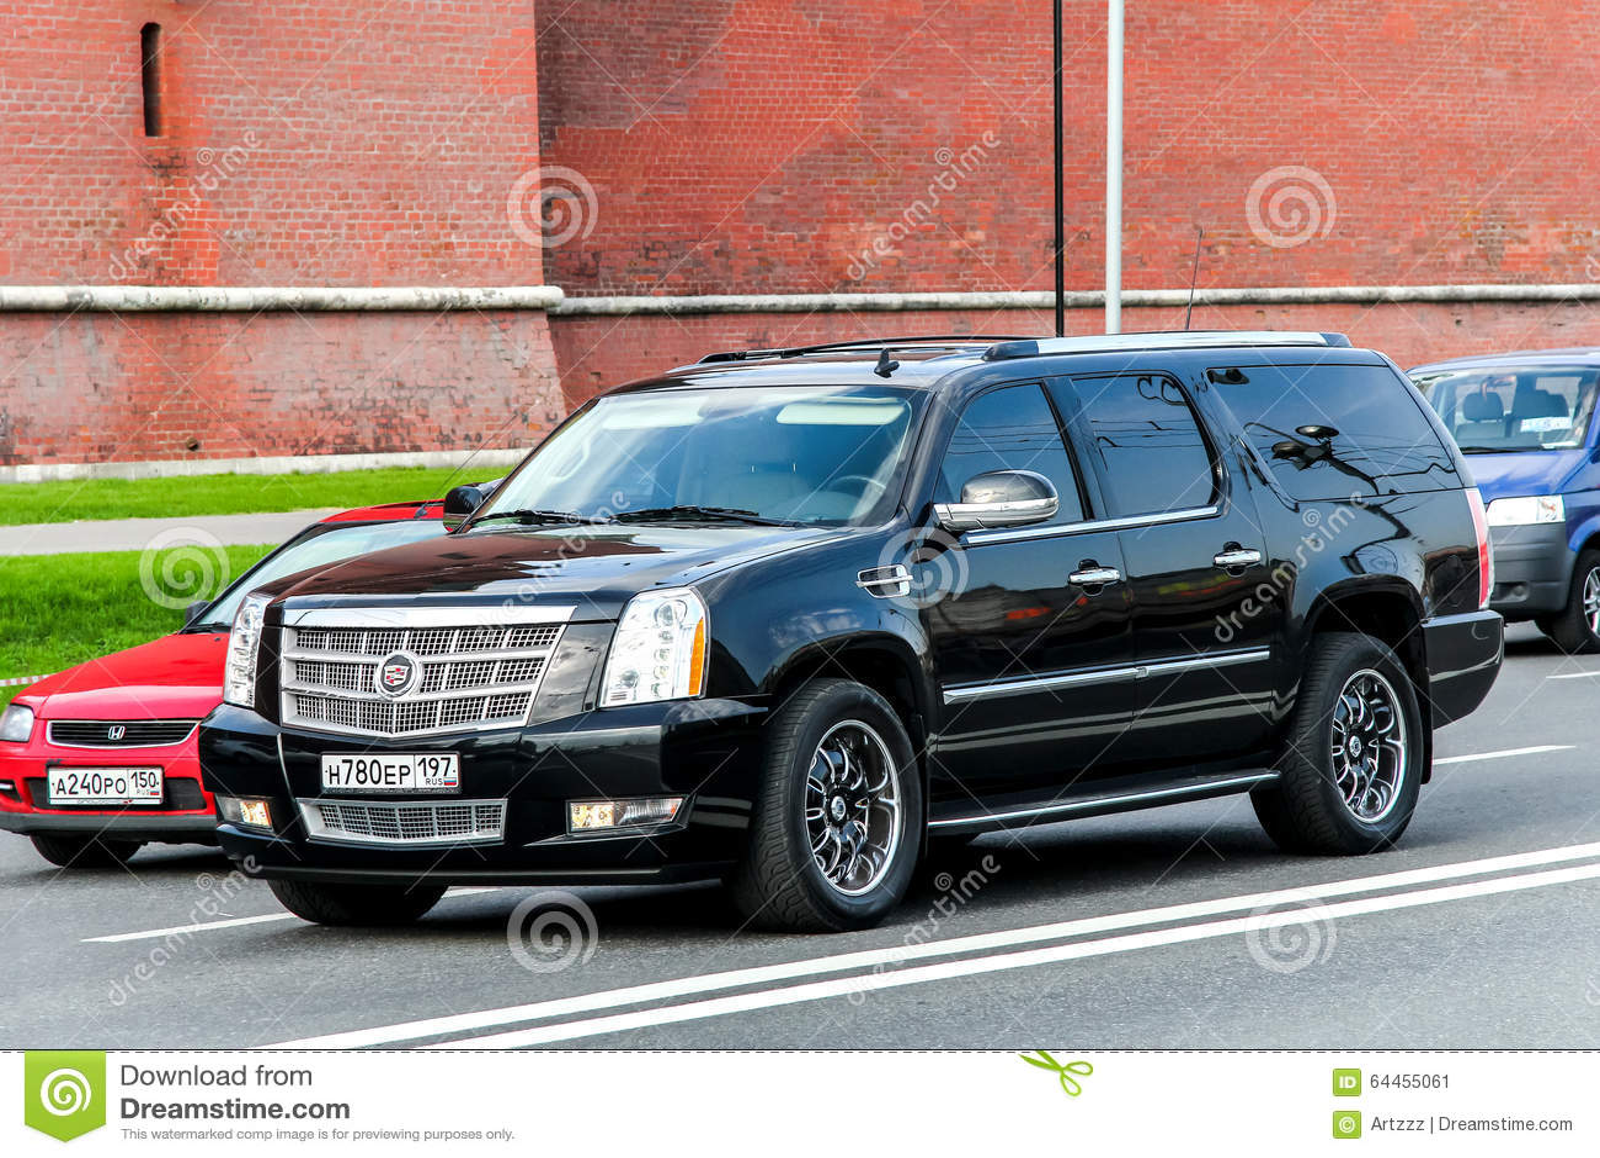 Cadillac Escalade Editorial Photo Image Of Dark Crossover 64455061